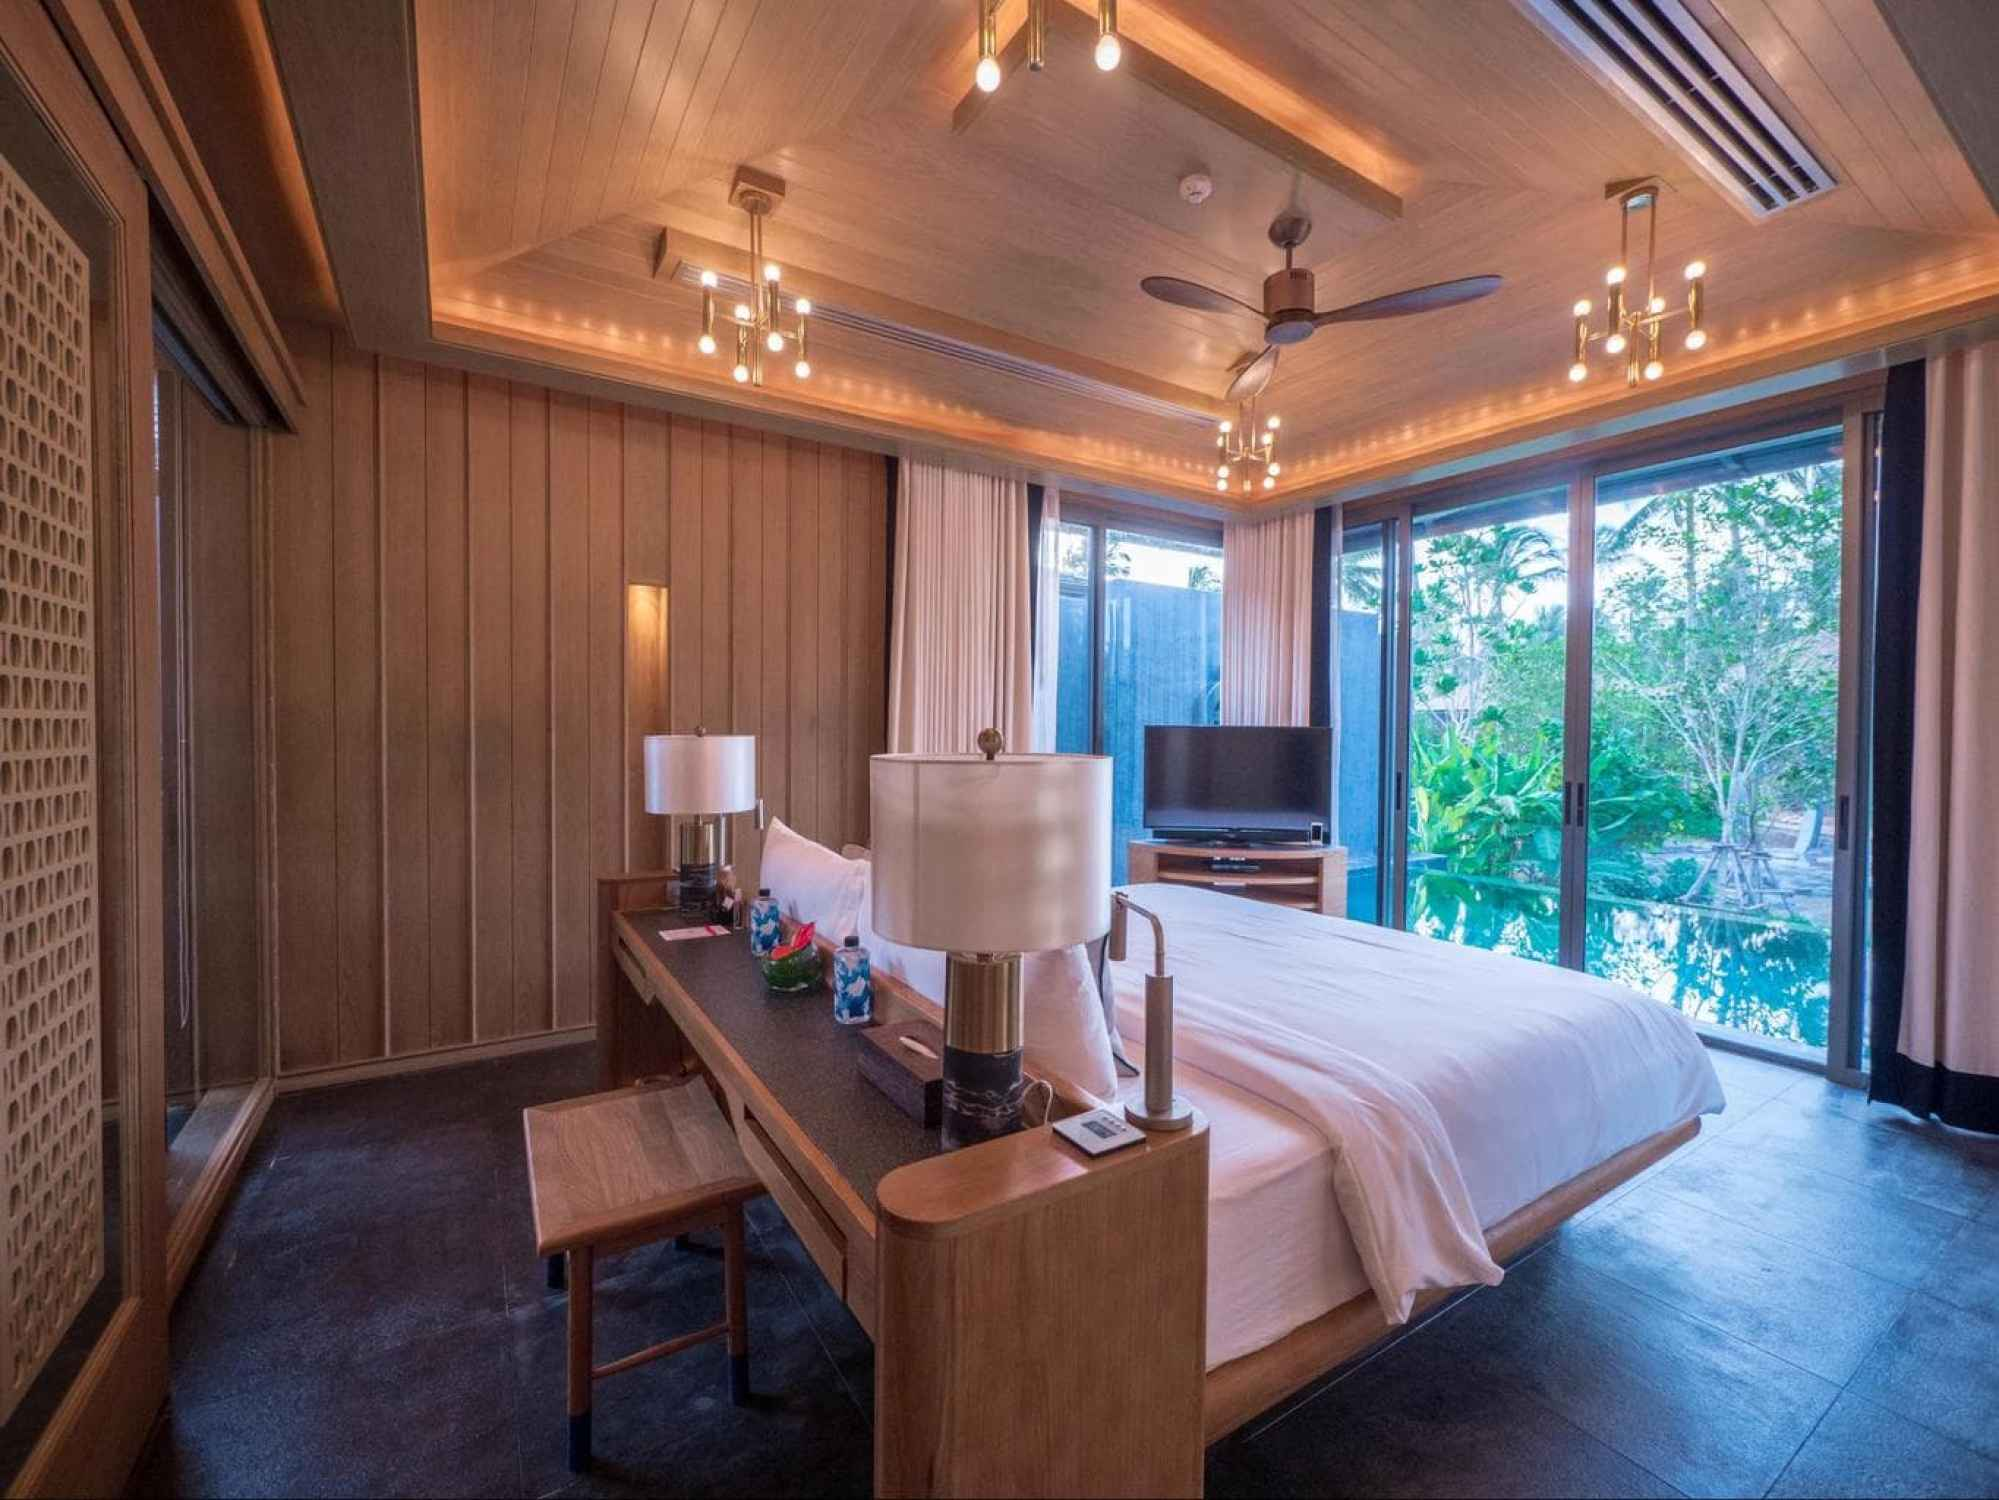 Two bedroom tropical villas at Baba Beach Club Phuket